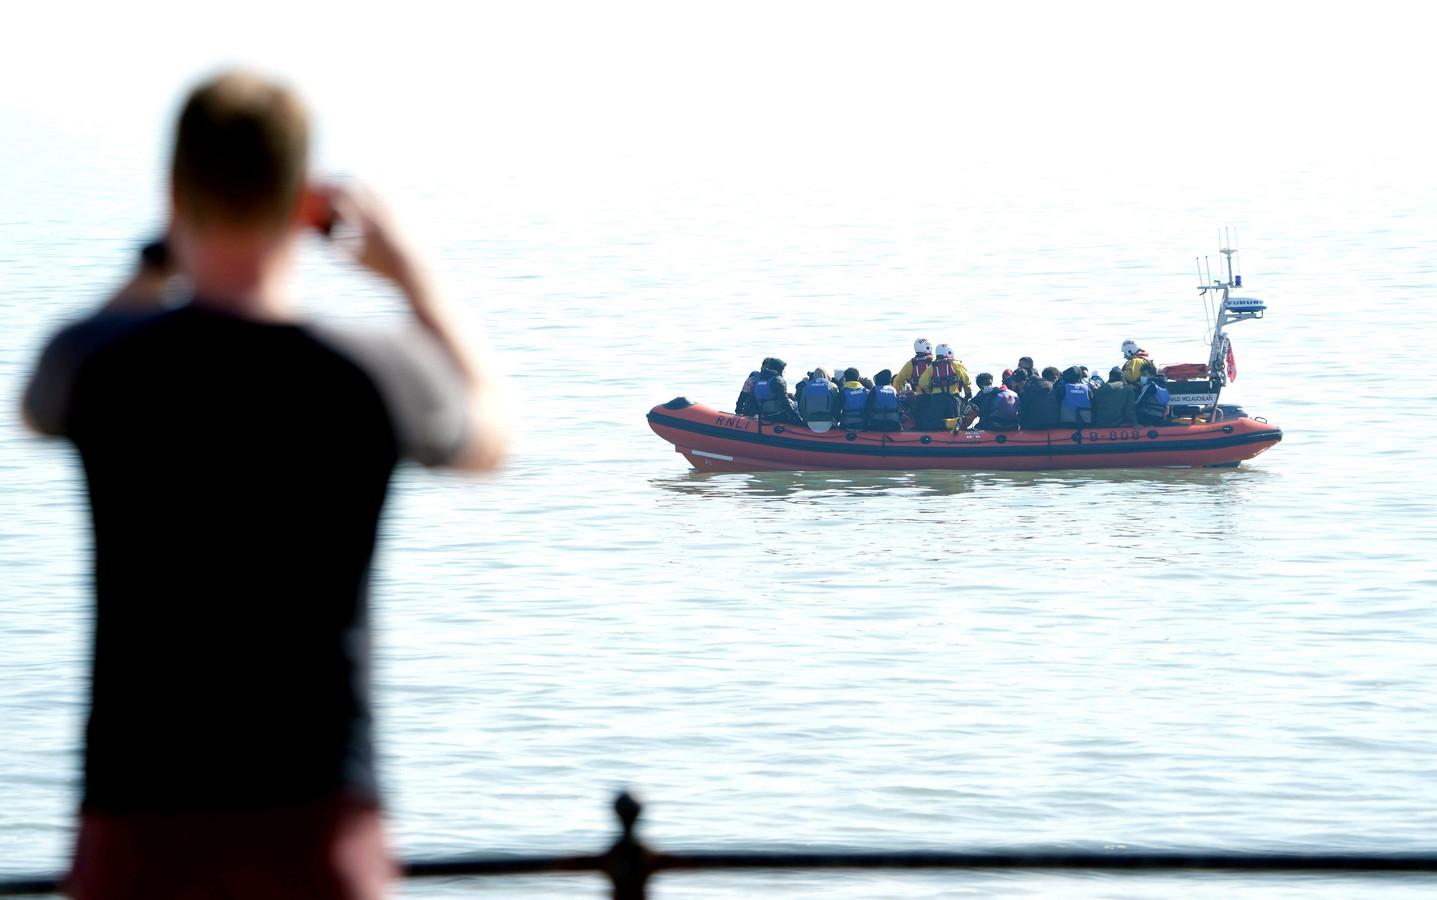 Honderden mensen staken vorige week Het Kanaal over, dat wil Het Verenigd Koninkrijk voortaan anders zien. De kustwacht wordt getraind om boten straks terug naar Franse wateren te sturen.